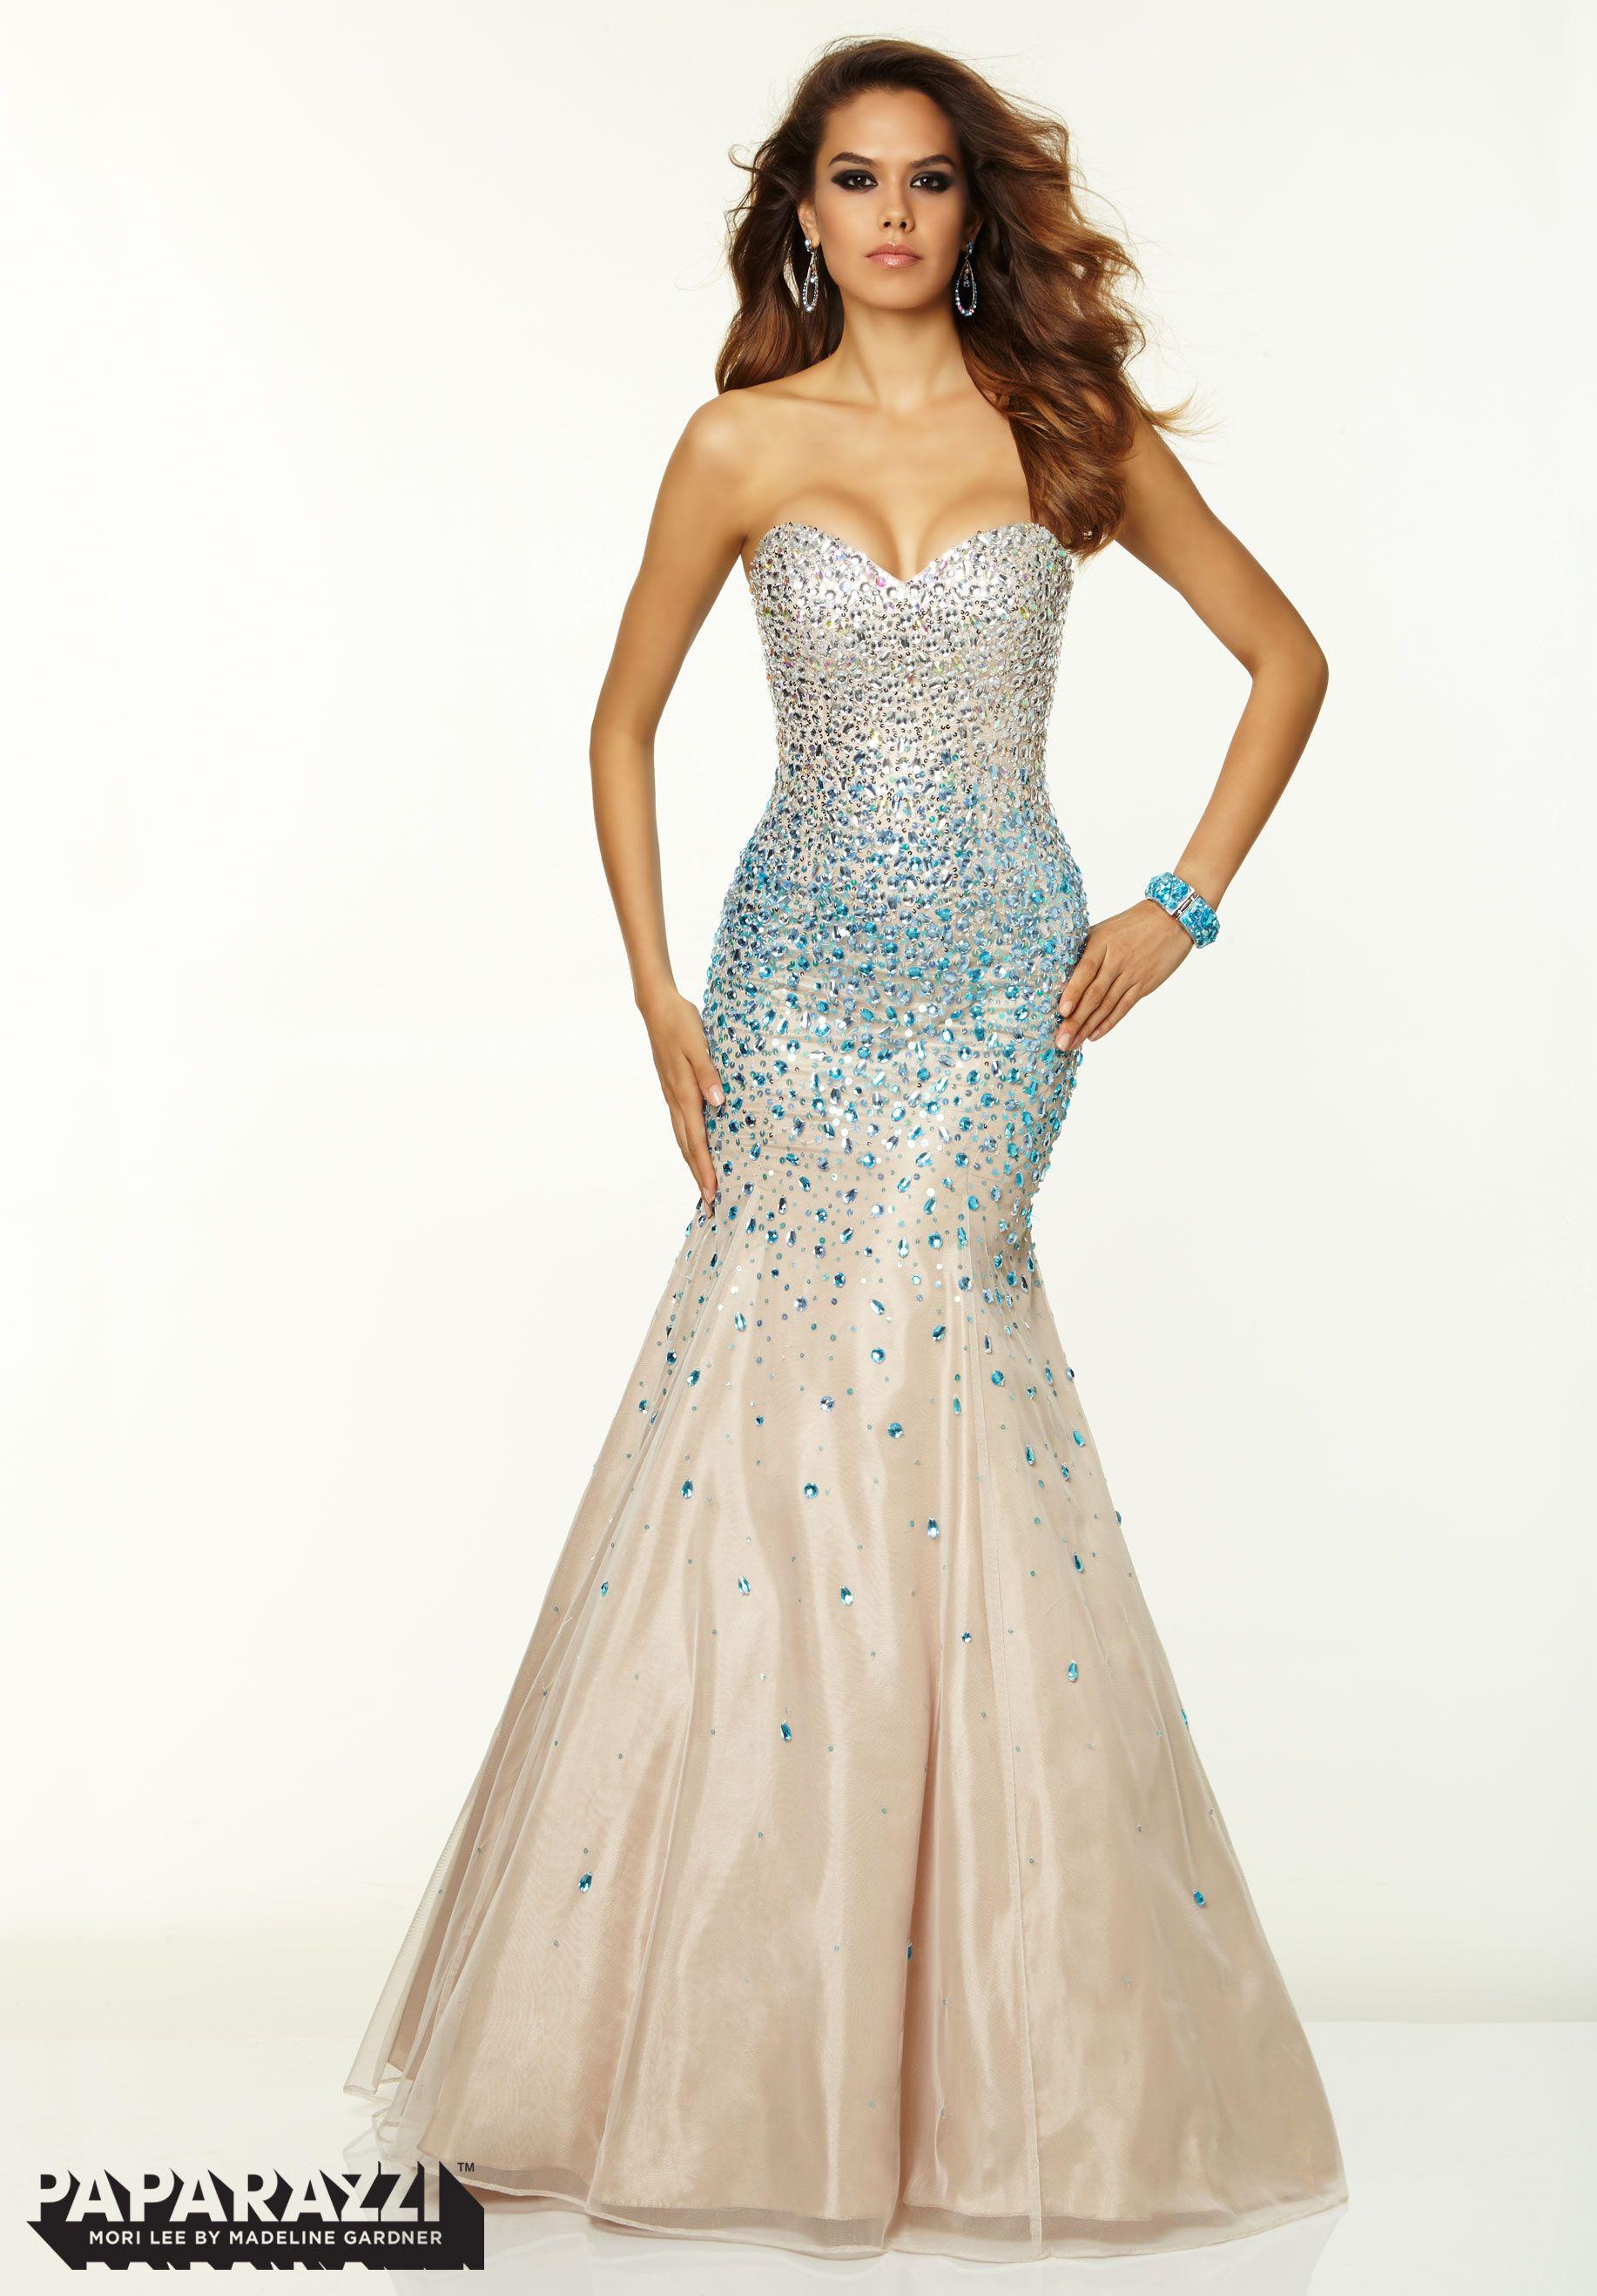 Jeweled Prom Dresses